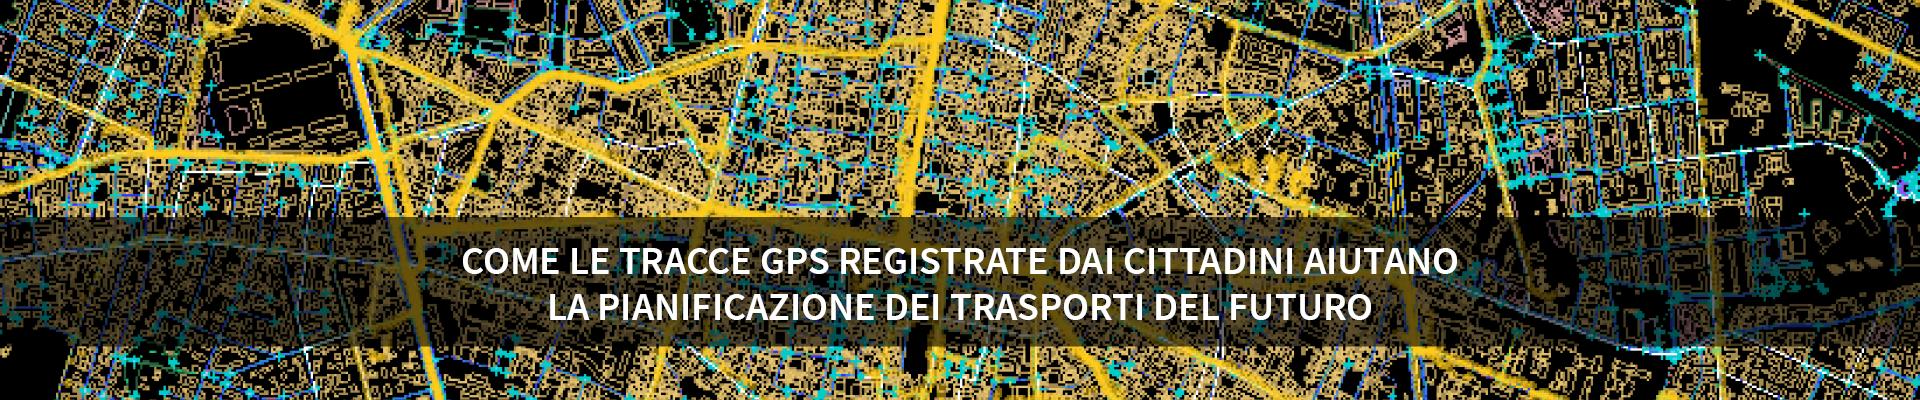 Come le tracce GPS registrate dai cittadini aiutano la pianificazione dei trasporti del futuro -